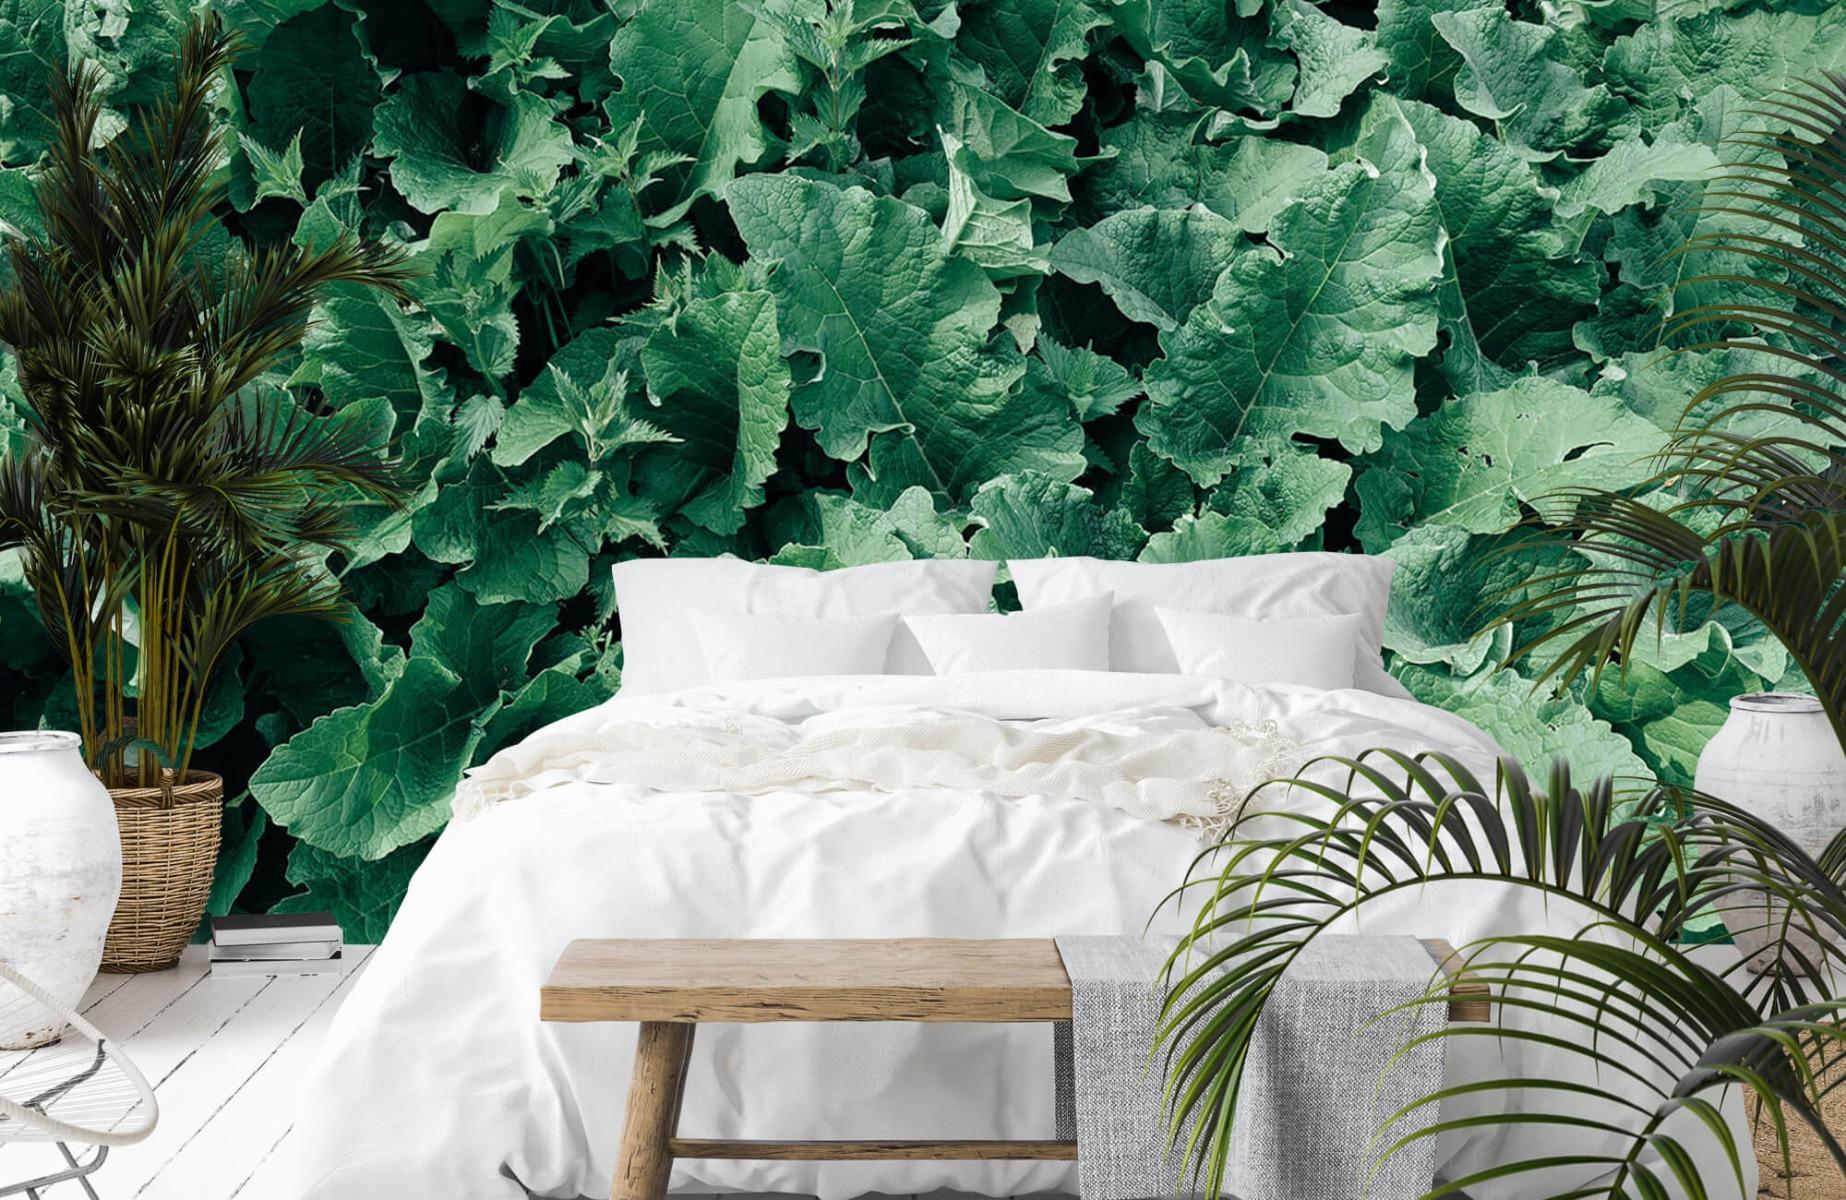 Bladeren - Gedetailleerd groen bladerdek - Wallexclusive - Slaapkamer 13